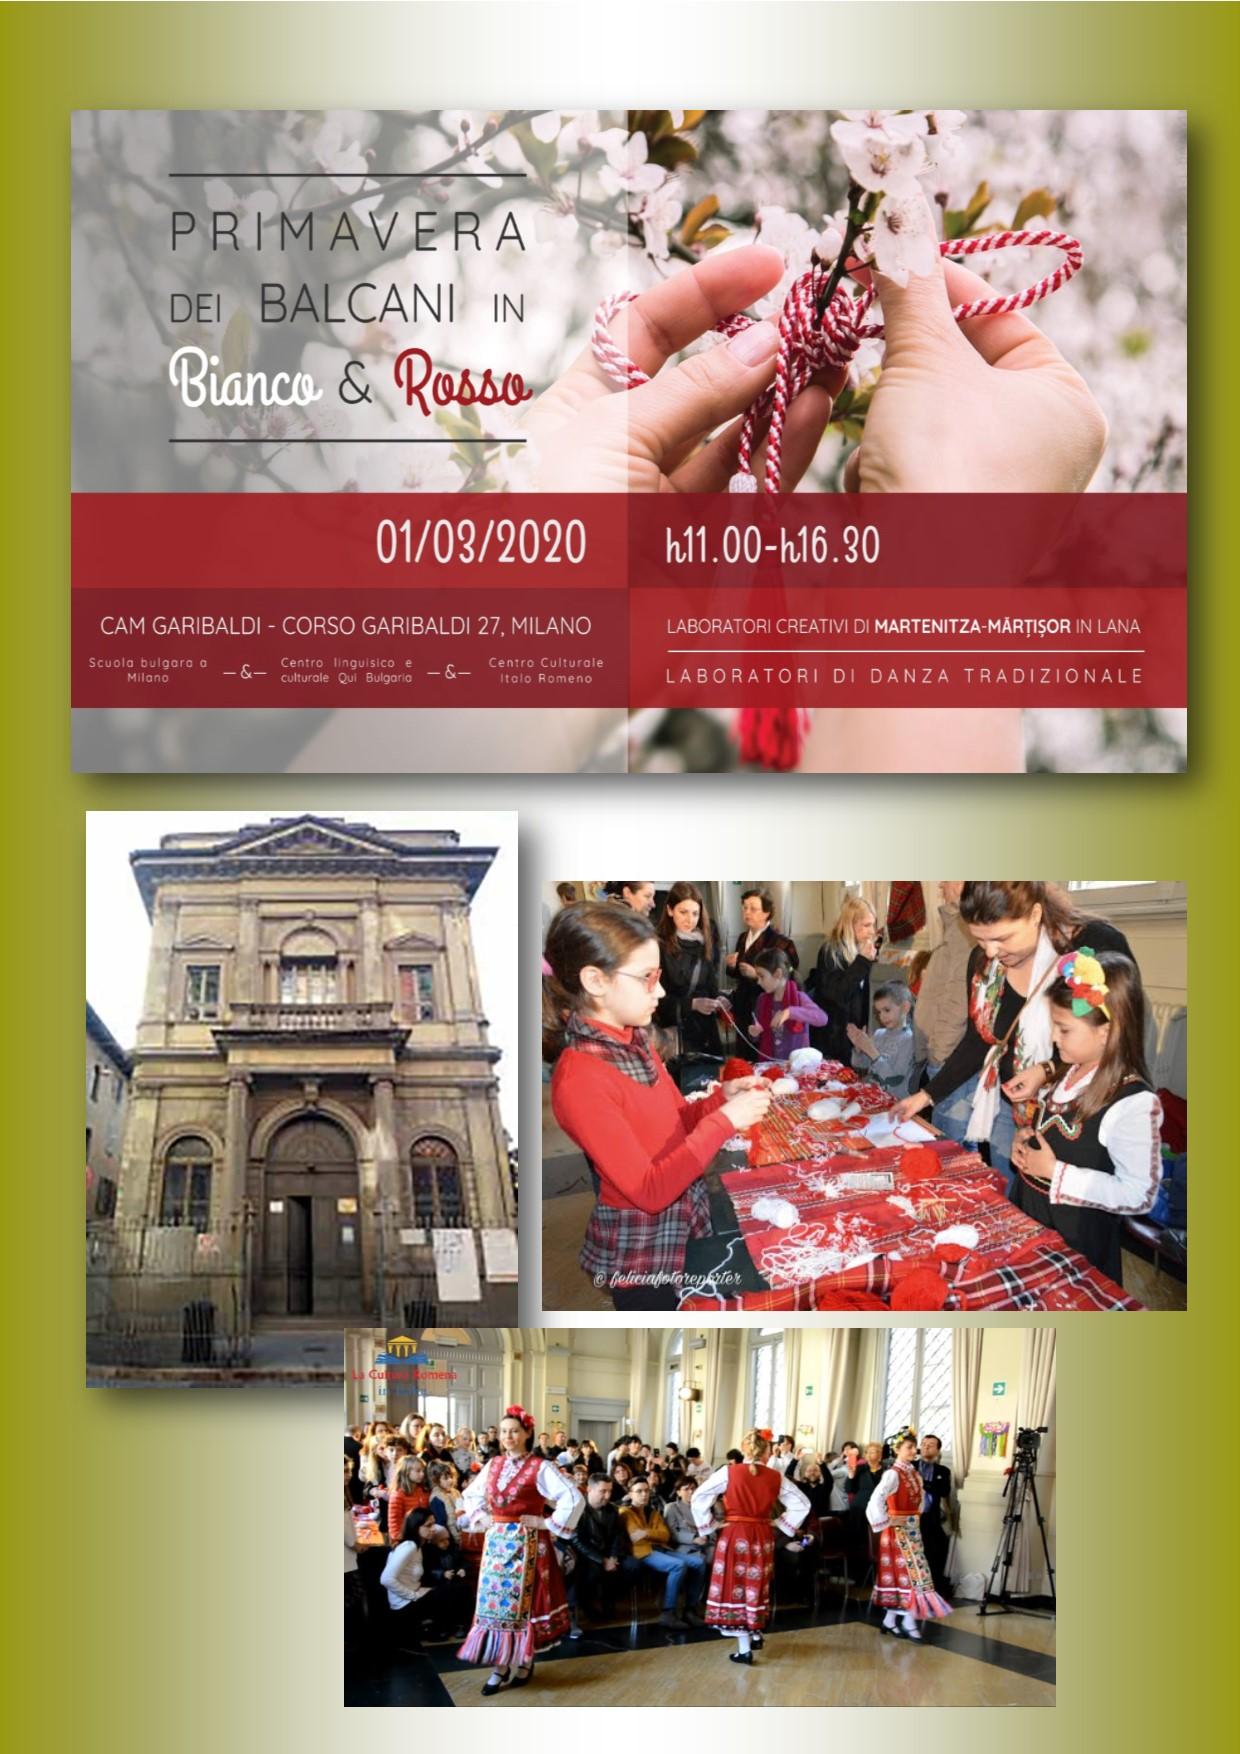 """Milano. """"Primavera dei Balcani in bianco e rosso"""": al via una nuova edizione 1 marzo 2020"""